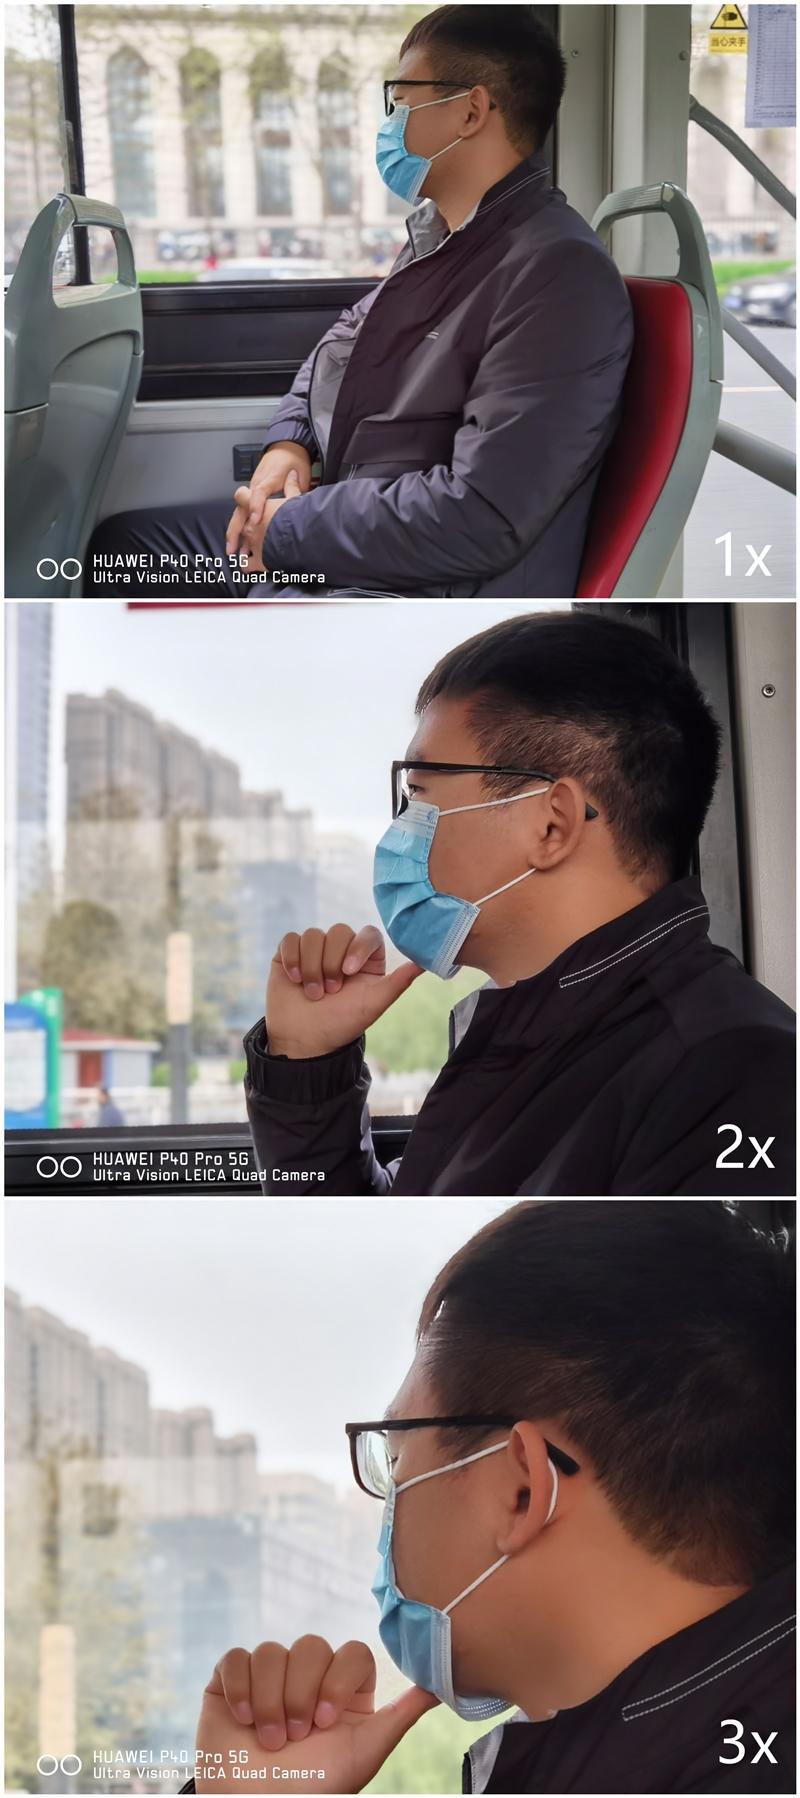 华为P40 Pro首发评测:全面深度解读影像机皇的照片 - 36